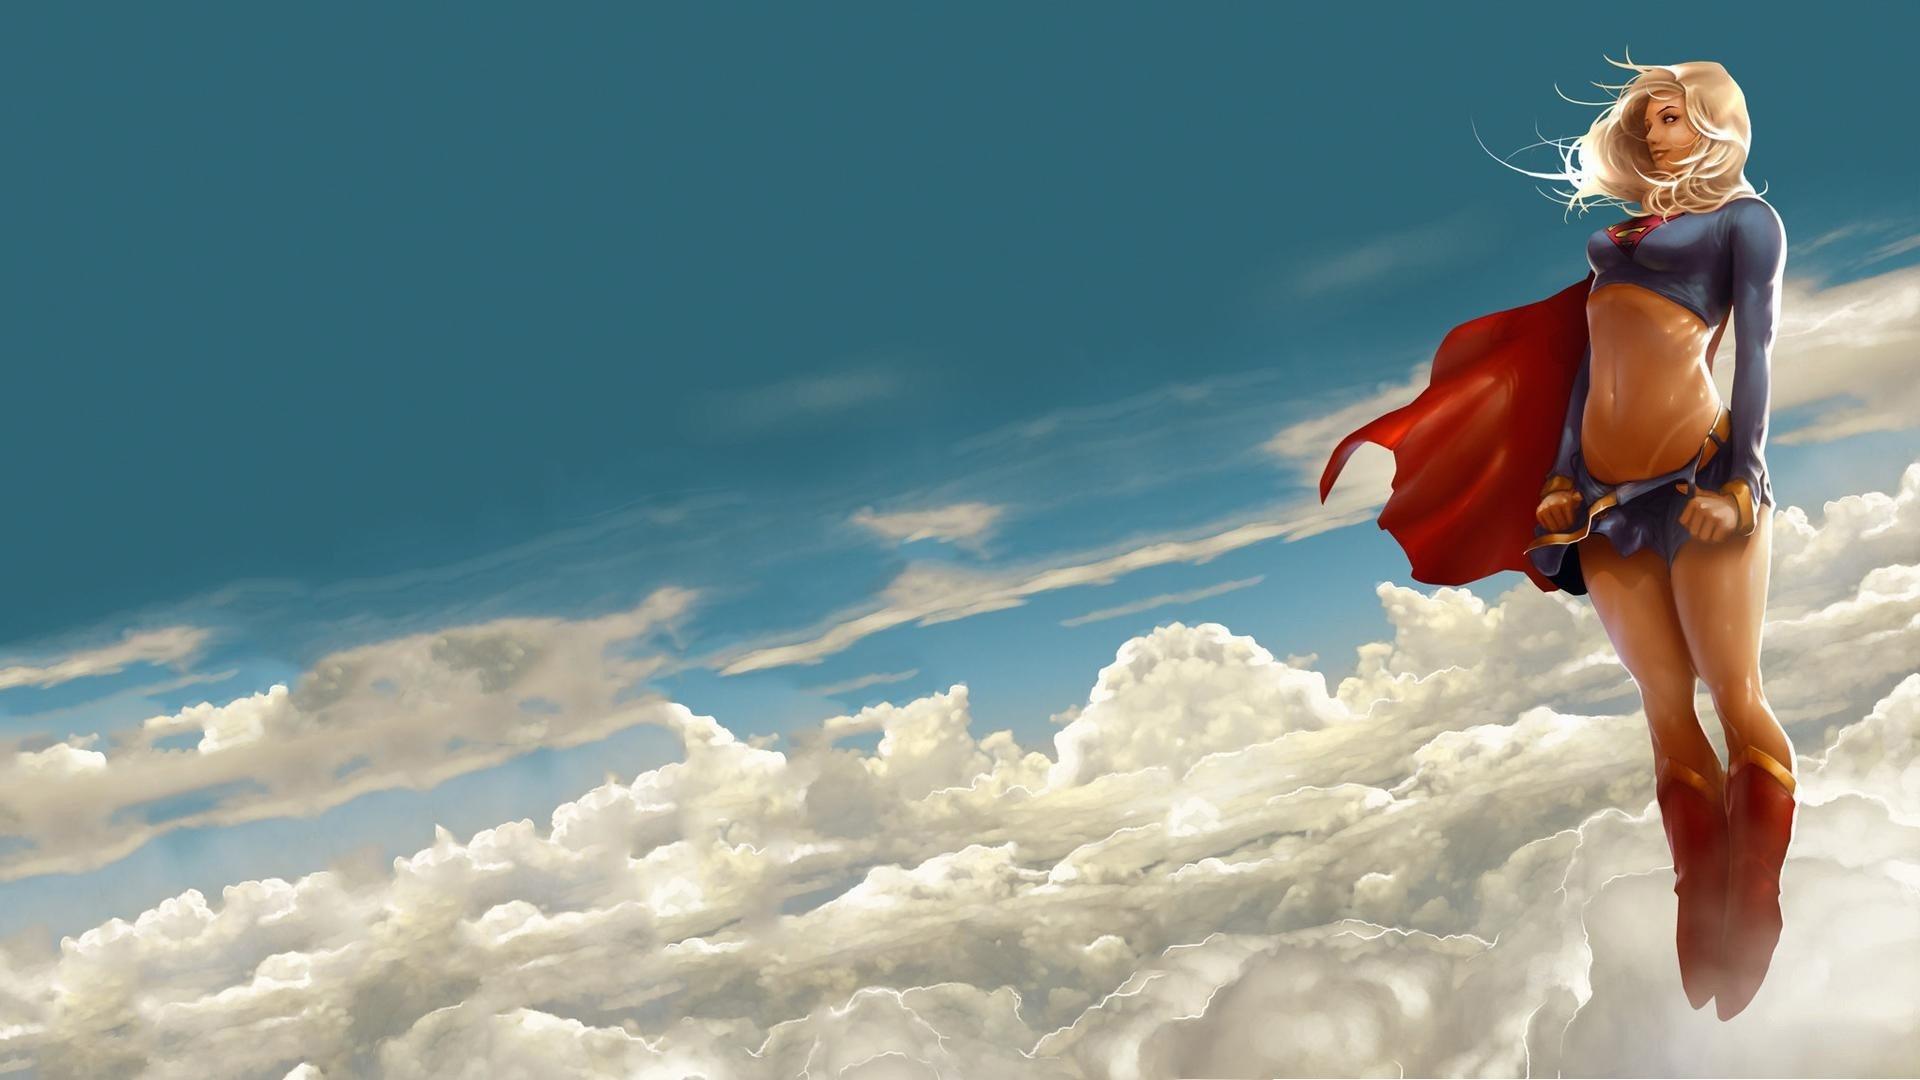 Supergirl best background